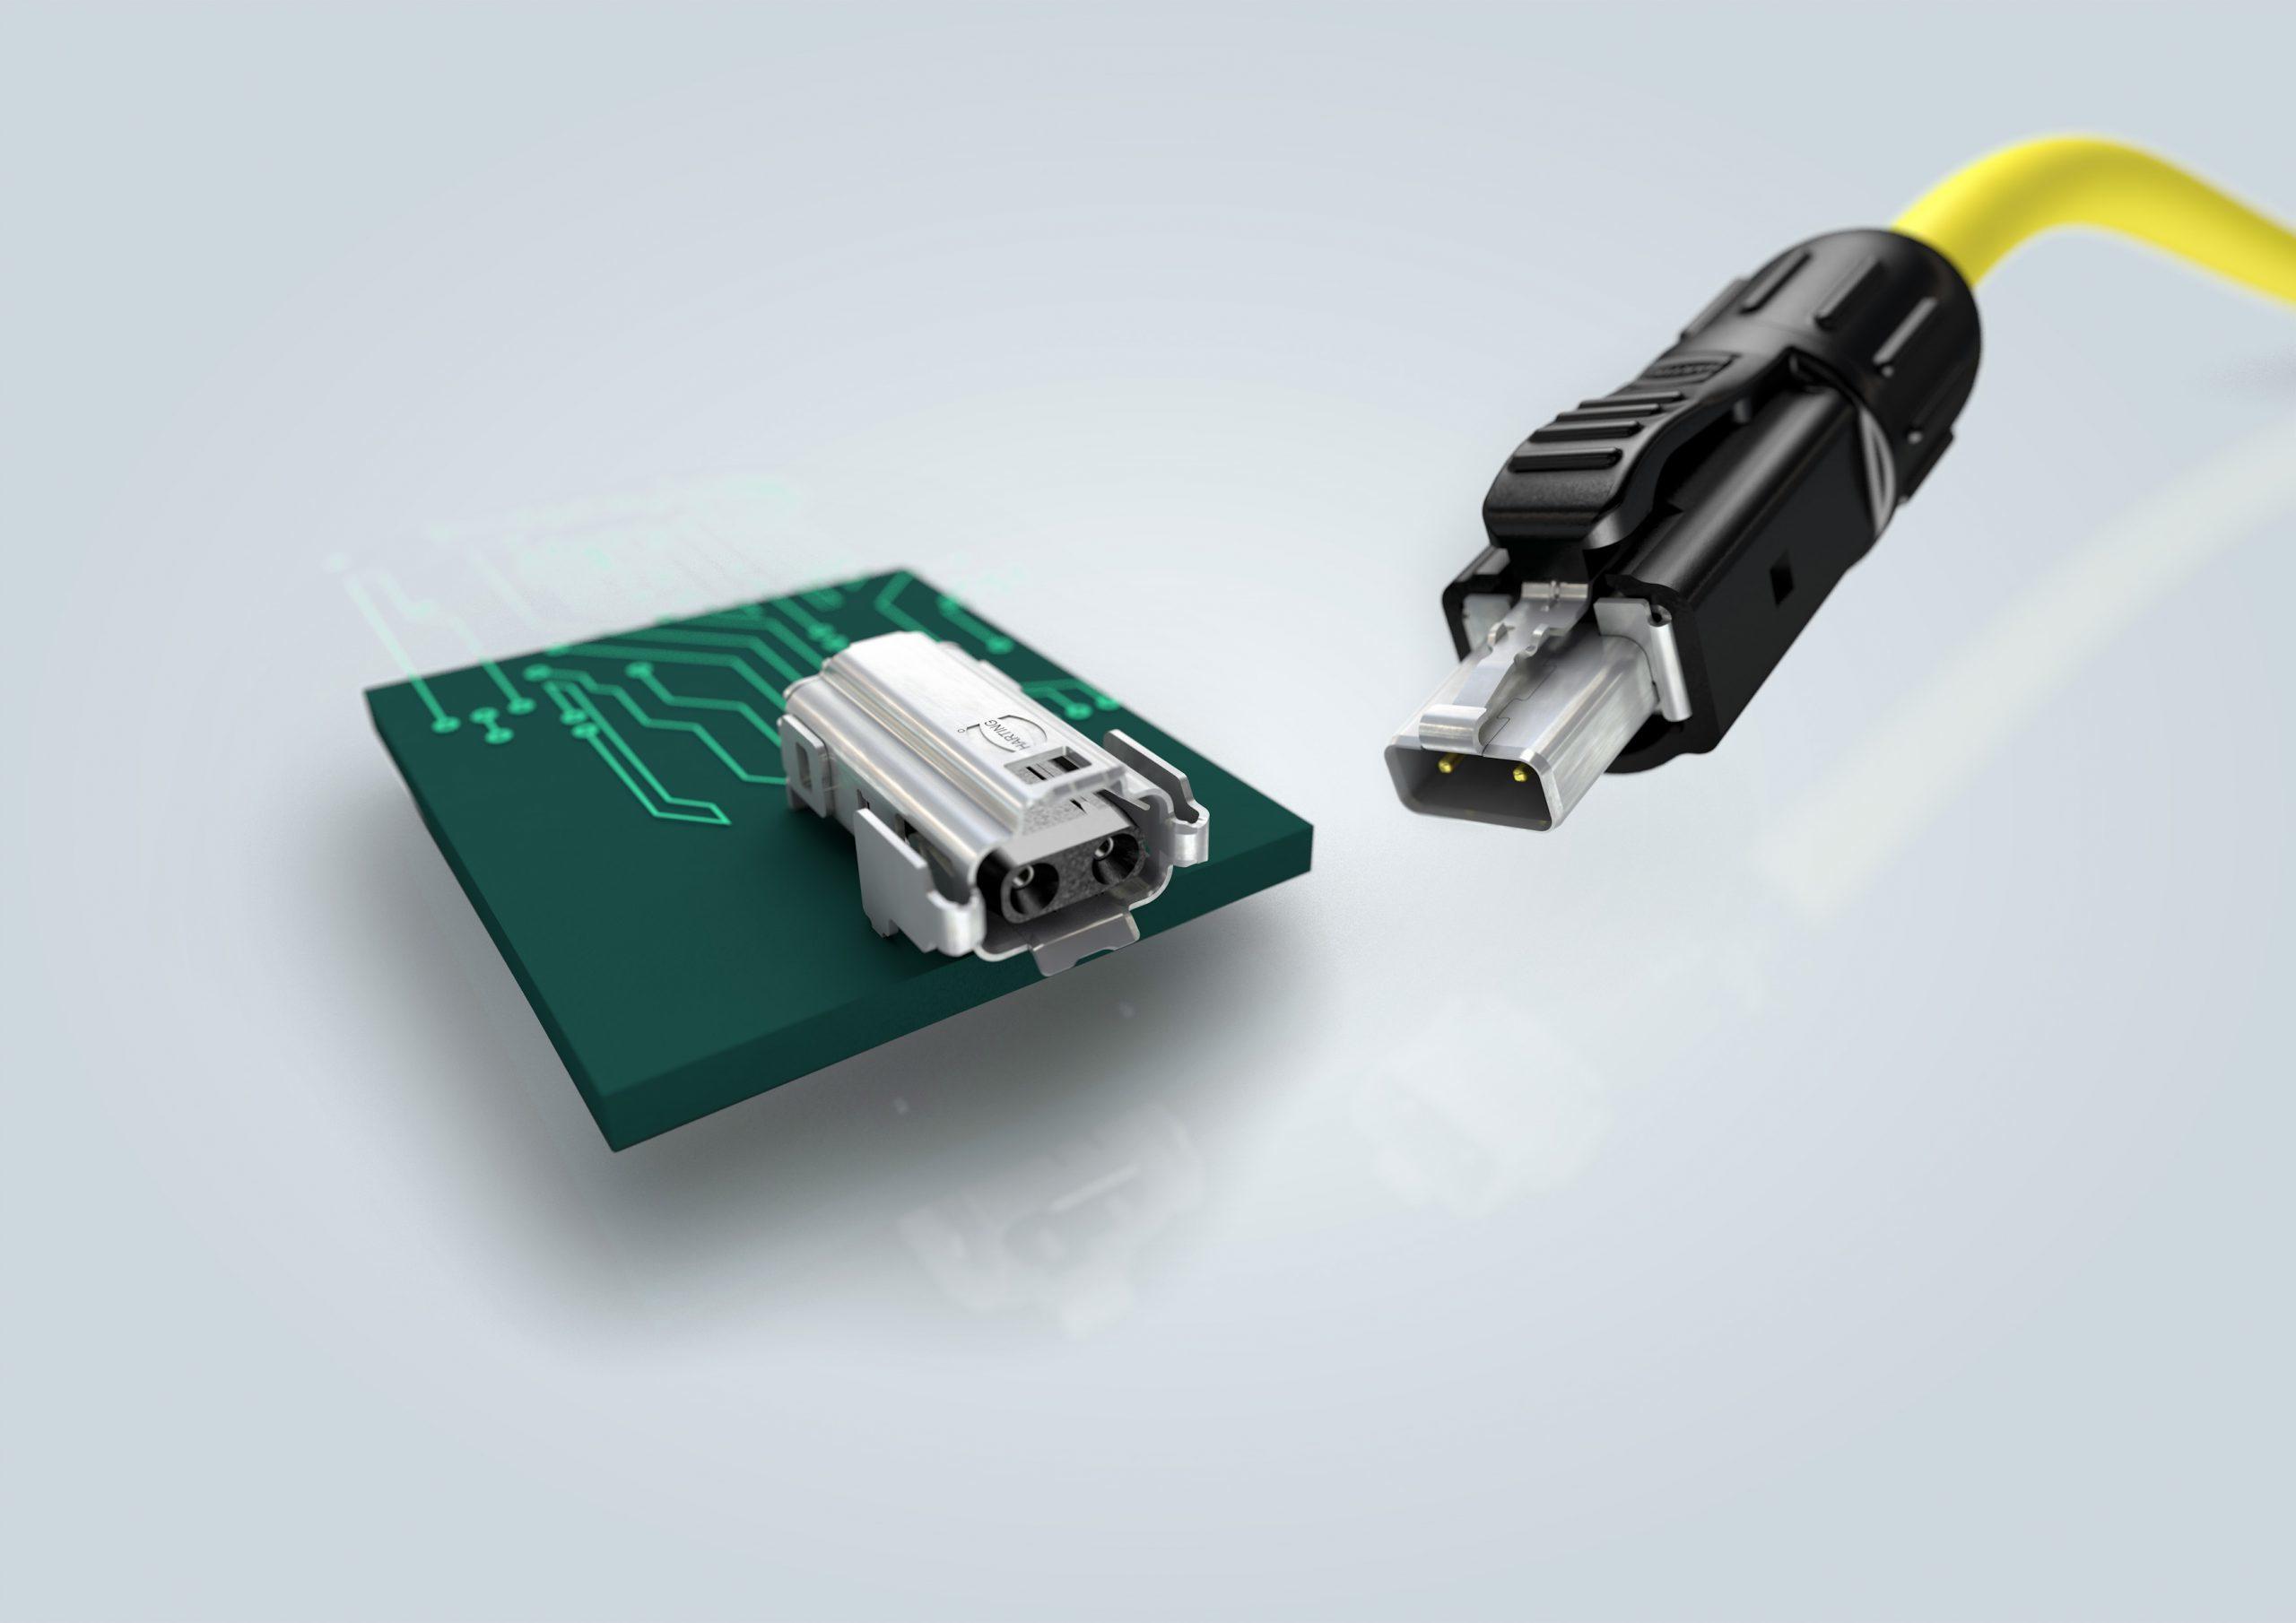 IEC63171-6 veröffentlicht: Standard Industrieschnittstelle für SPE gesetzt